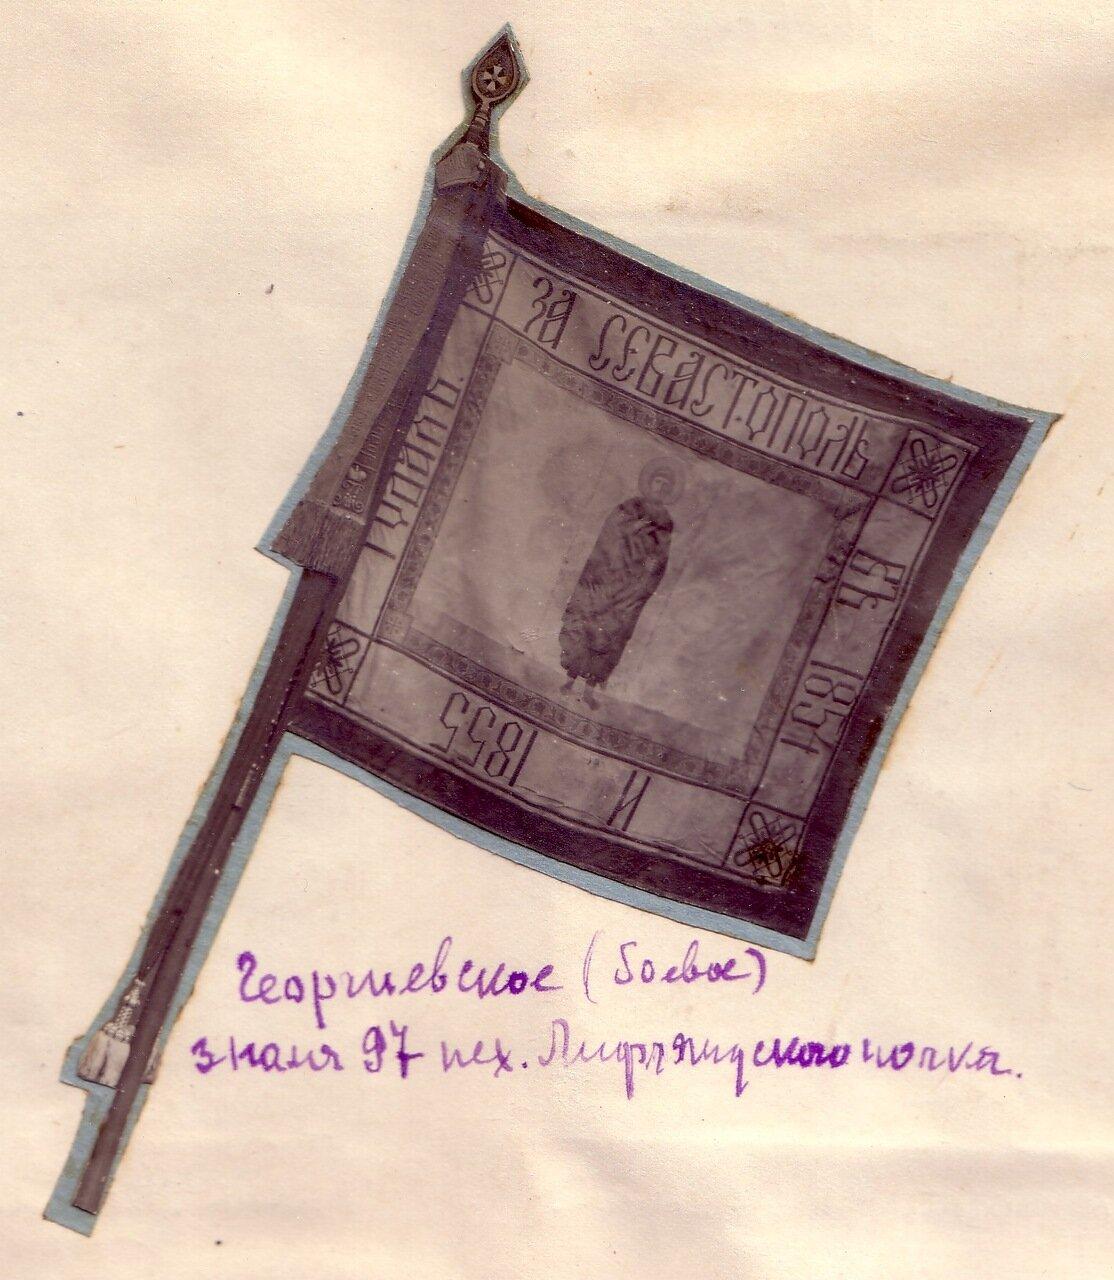 Георгиевское (боевое) знамя 97 Лифляндского походного полка